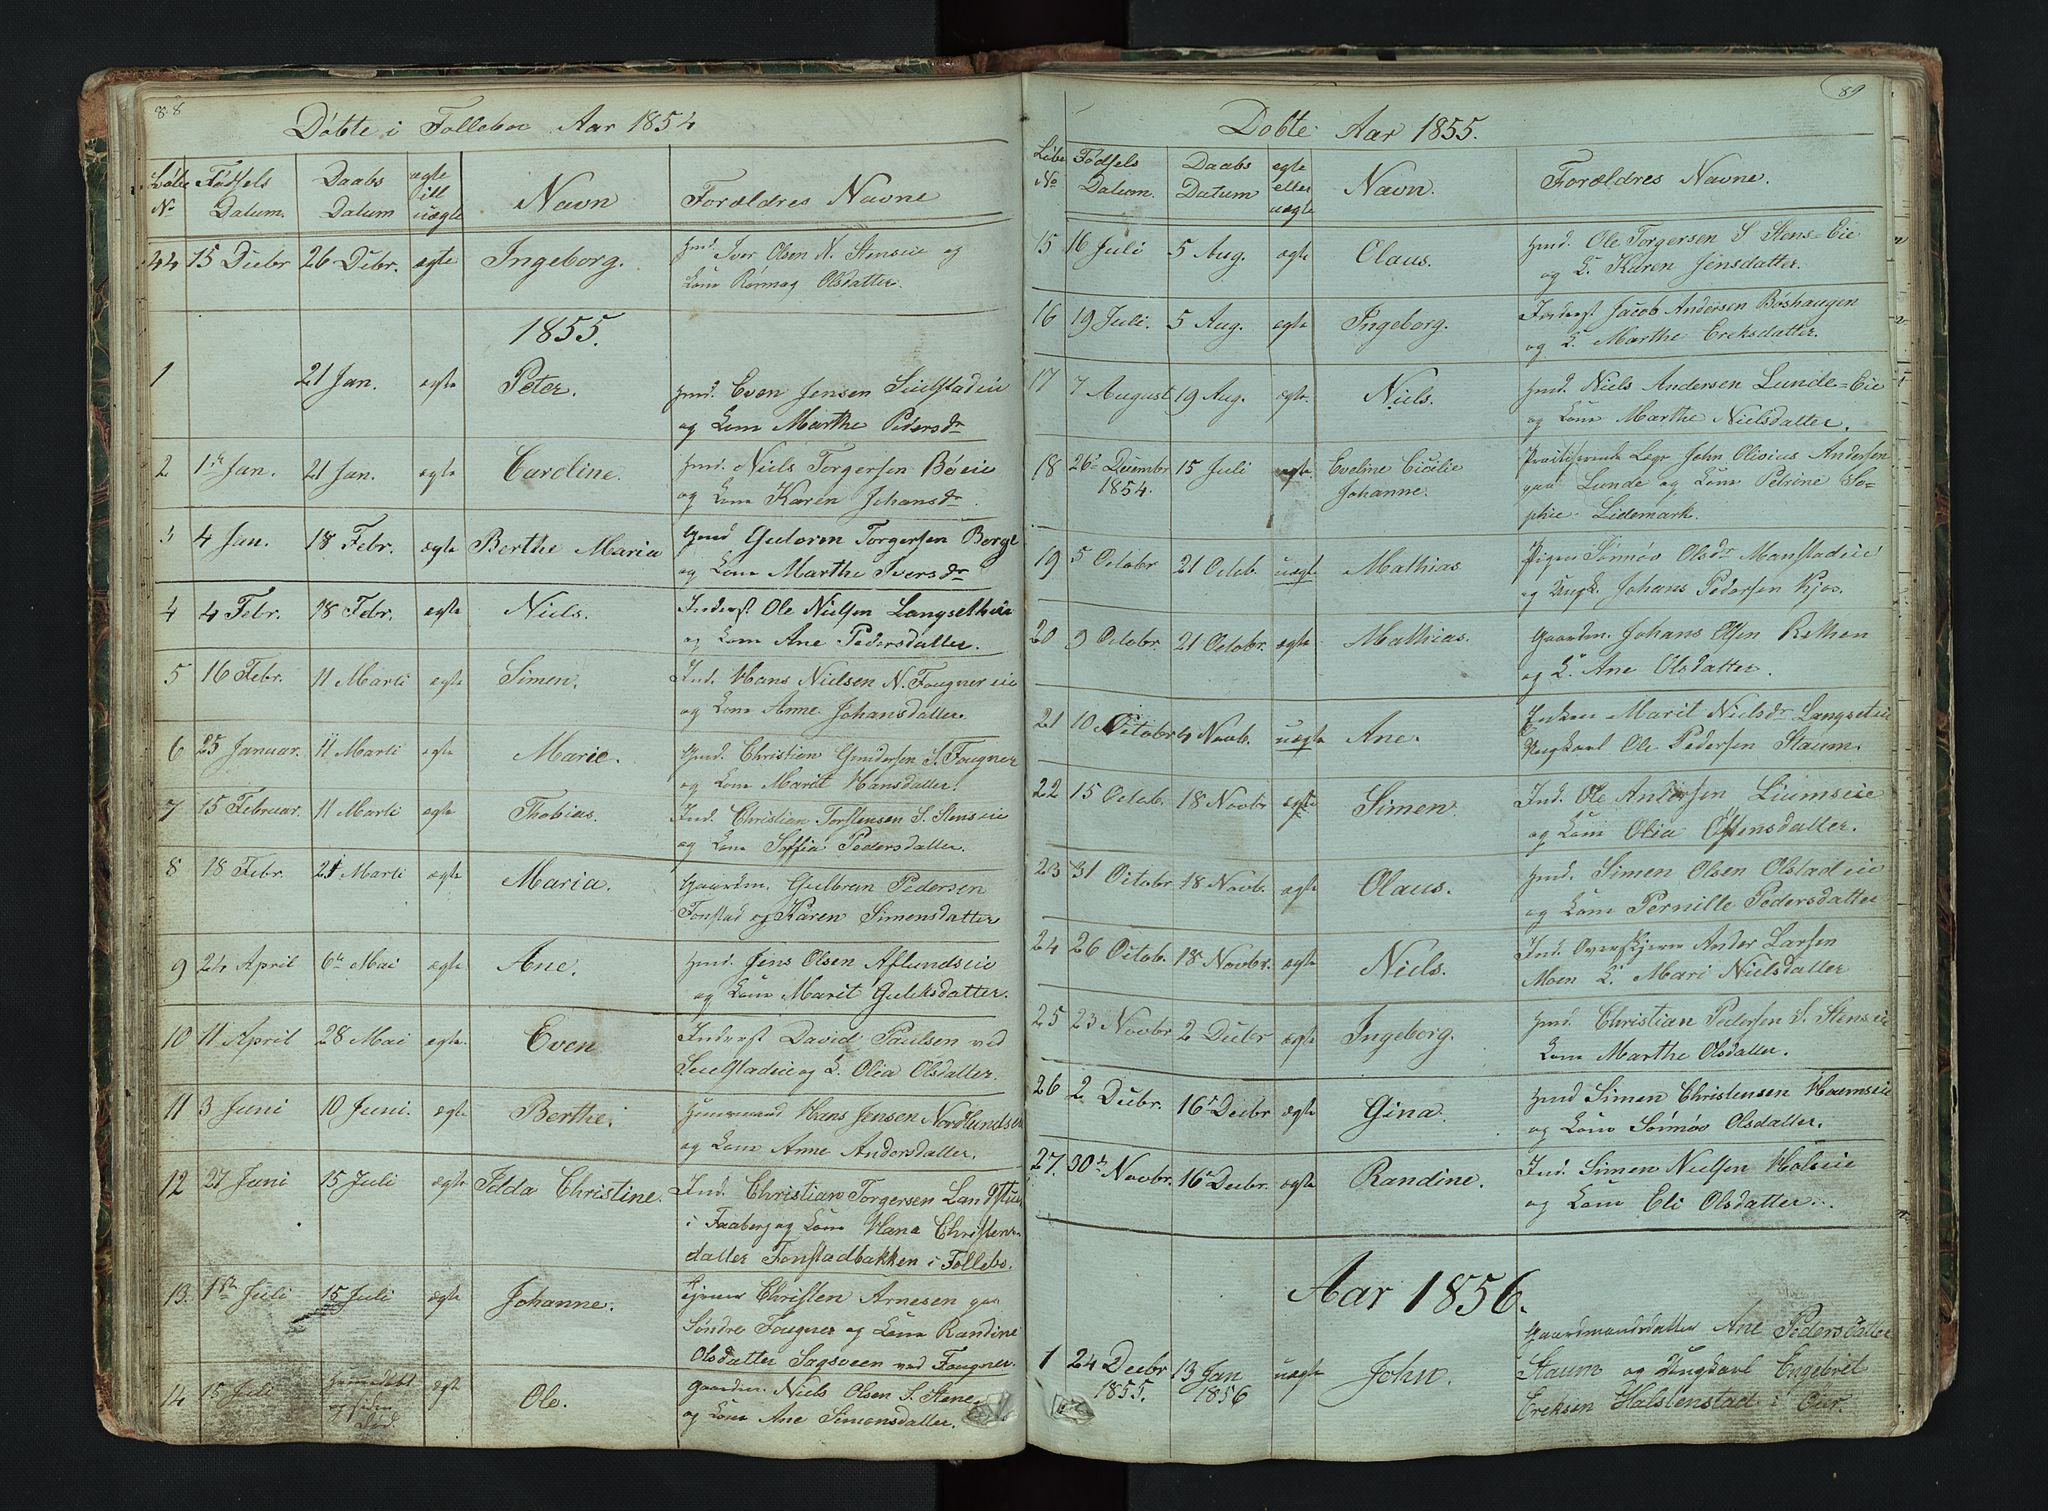 SAH, Gausdal prestekontor, Klokkerbok nr. 6, 1846-1893, s. 88-89